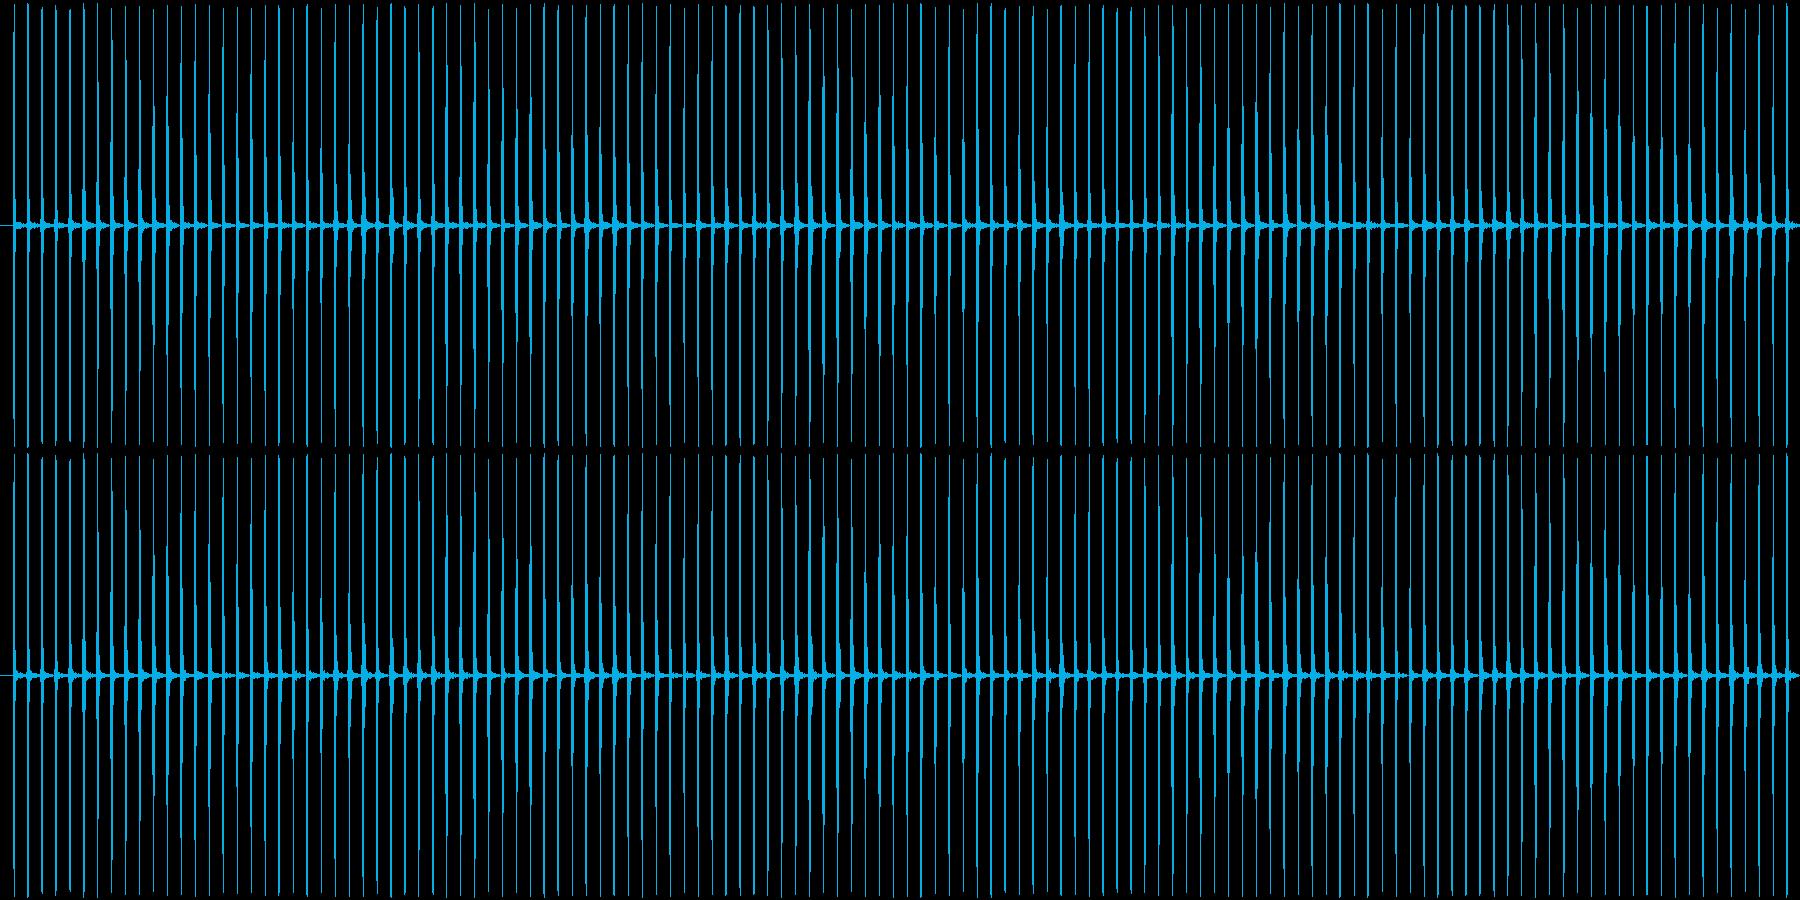 (チッチッ)ストップウォッチの秒針音Aの再生済みの波形